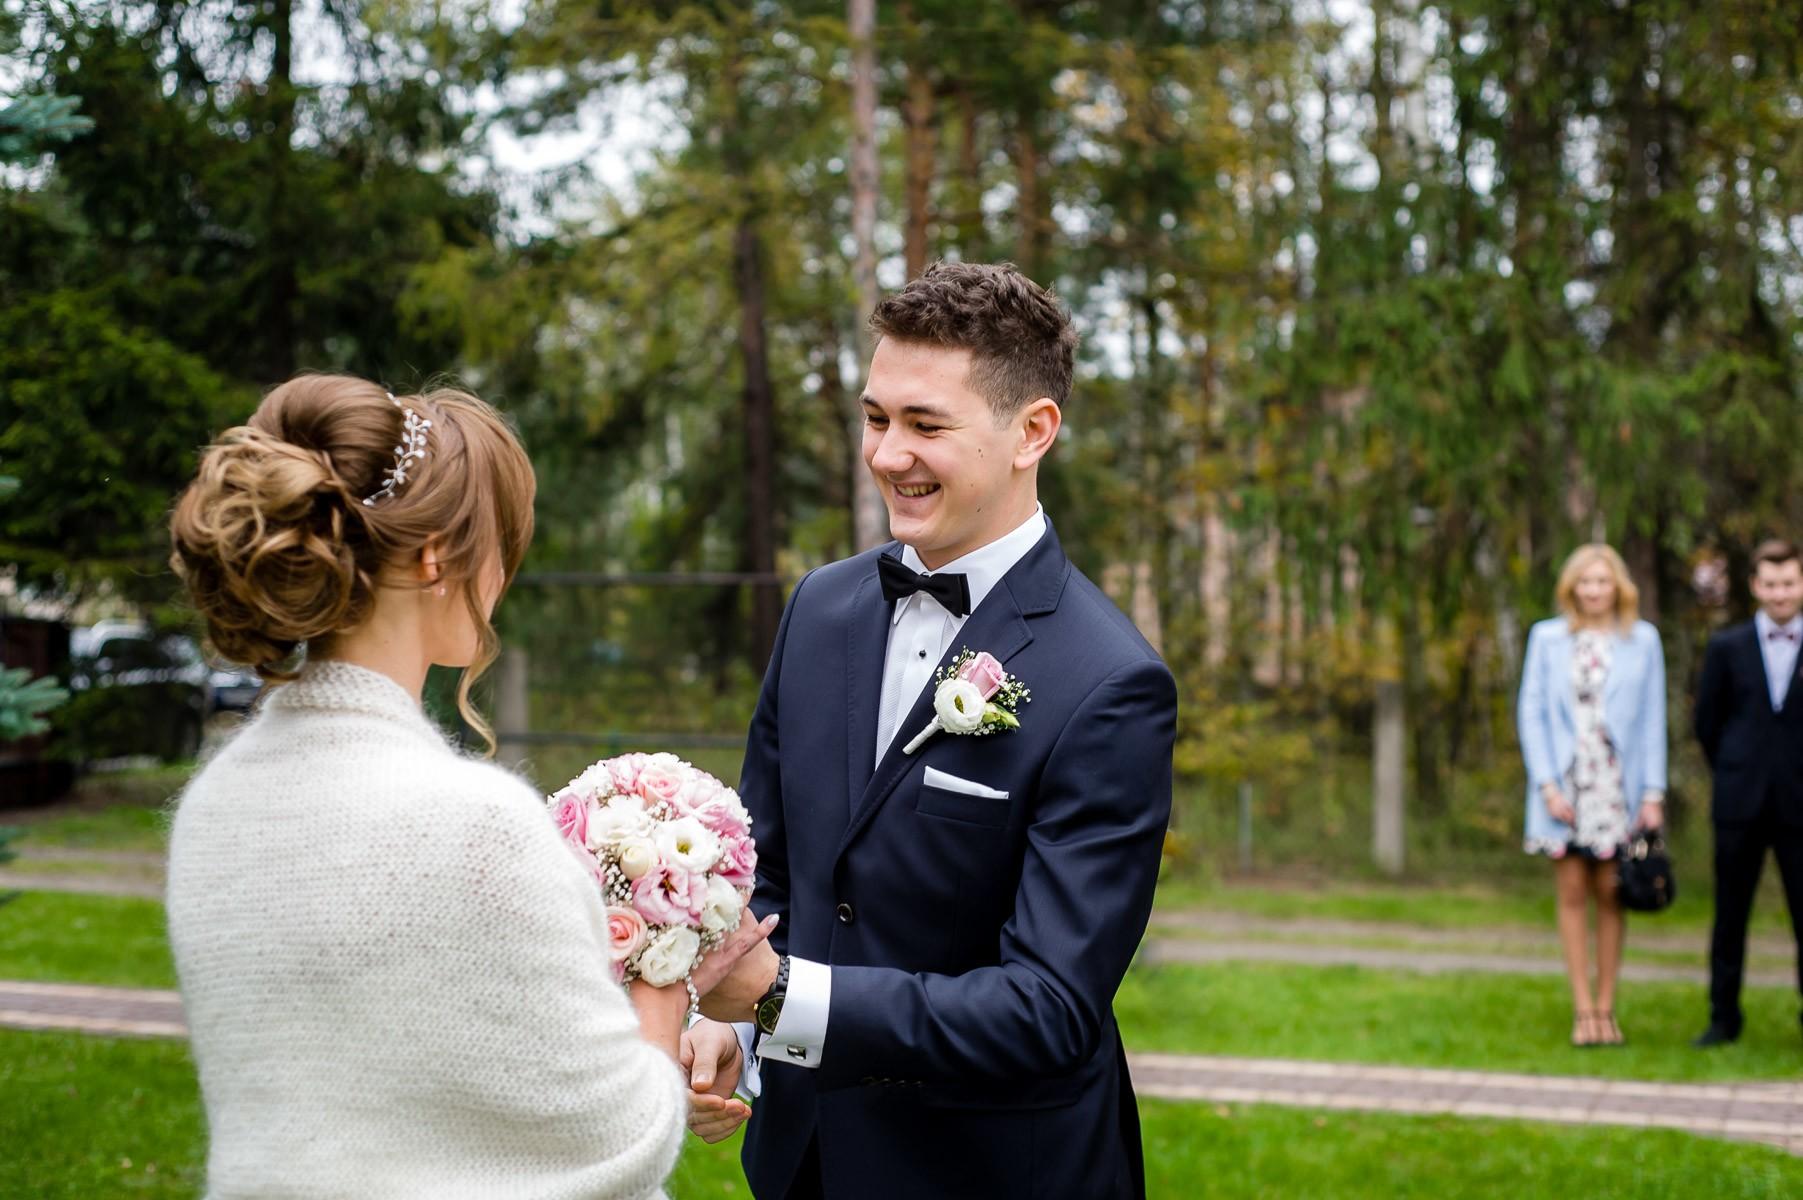 sala na skarpie fotograf slubny slask malopolska adam pietrusiak plener slubny w gorach jw wedding 104